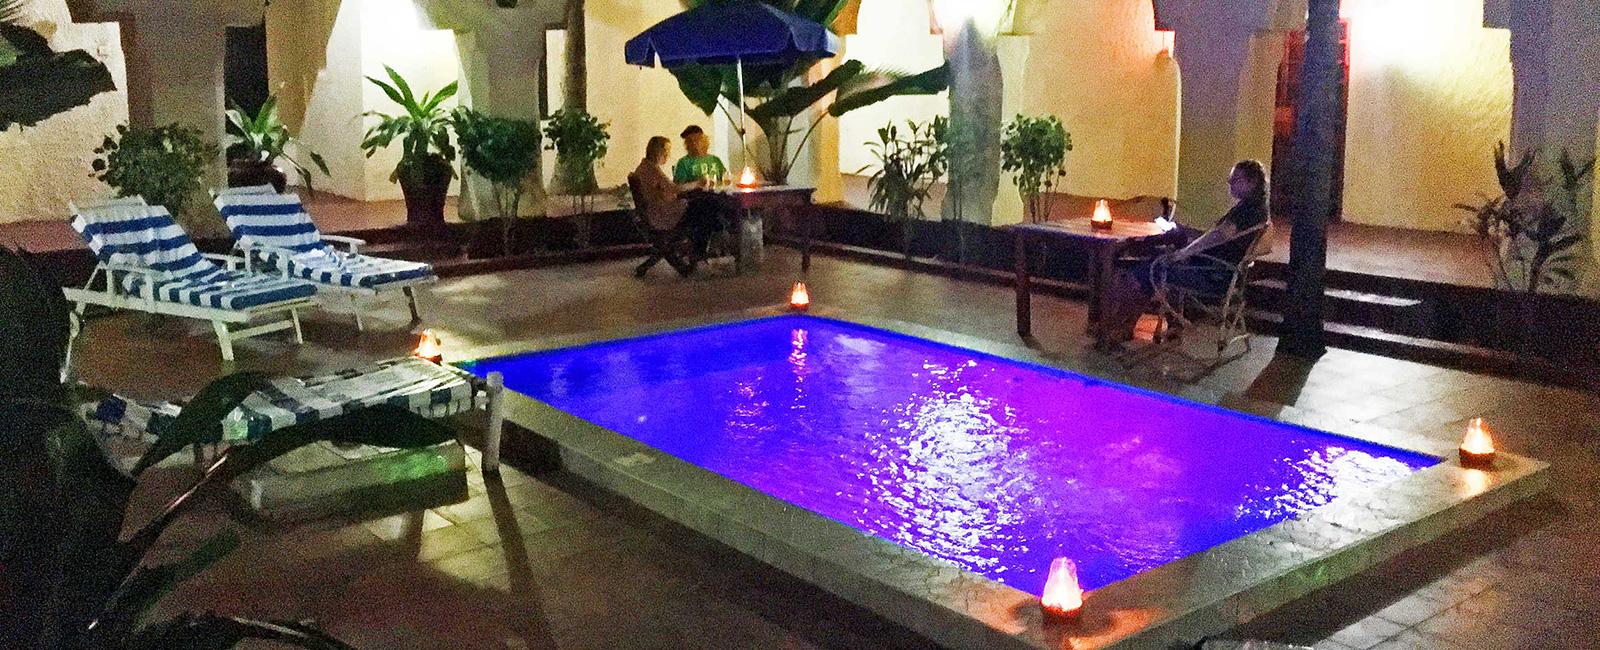 swimming-pool-night-slide